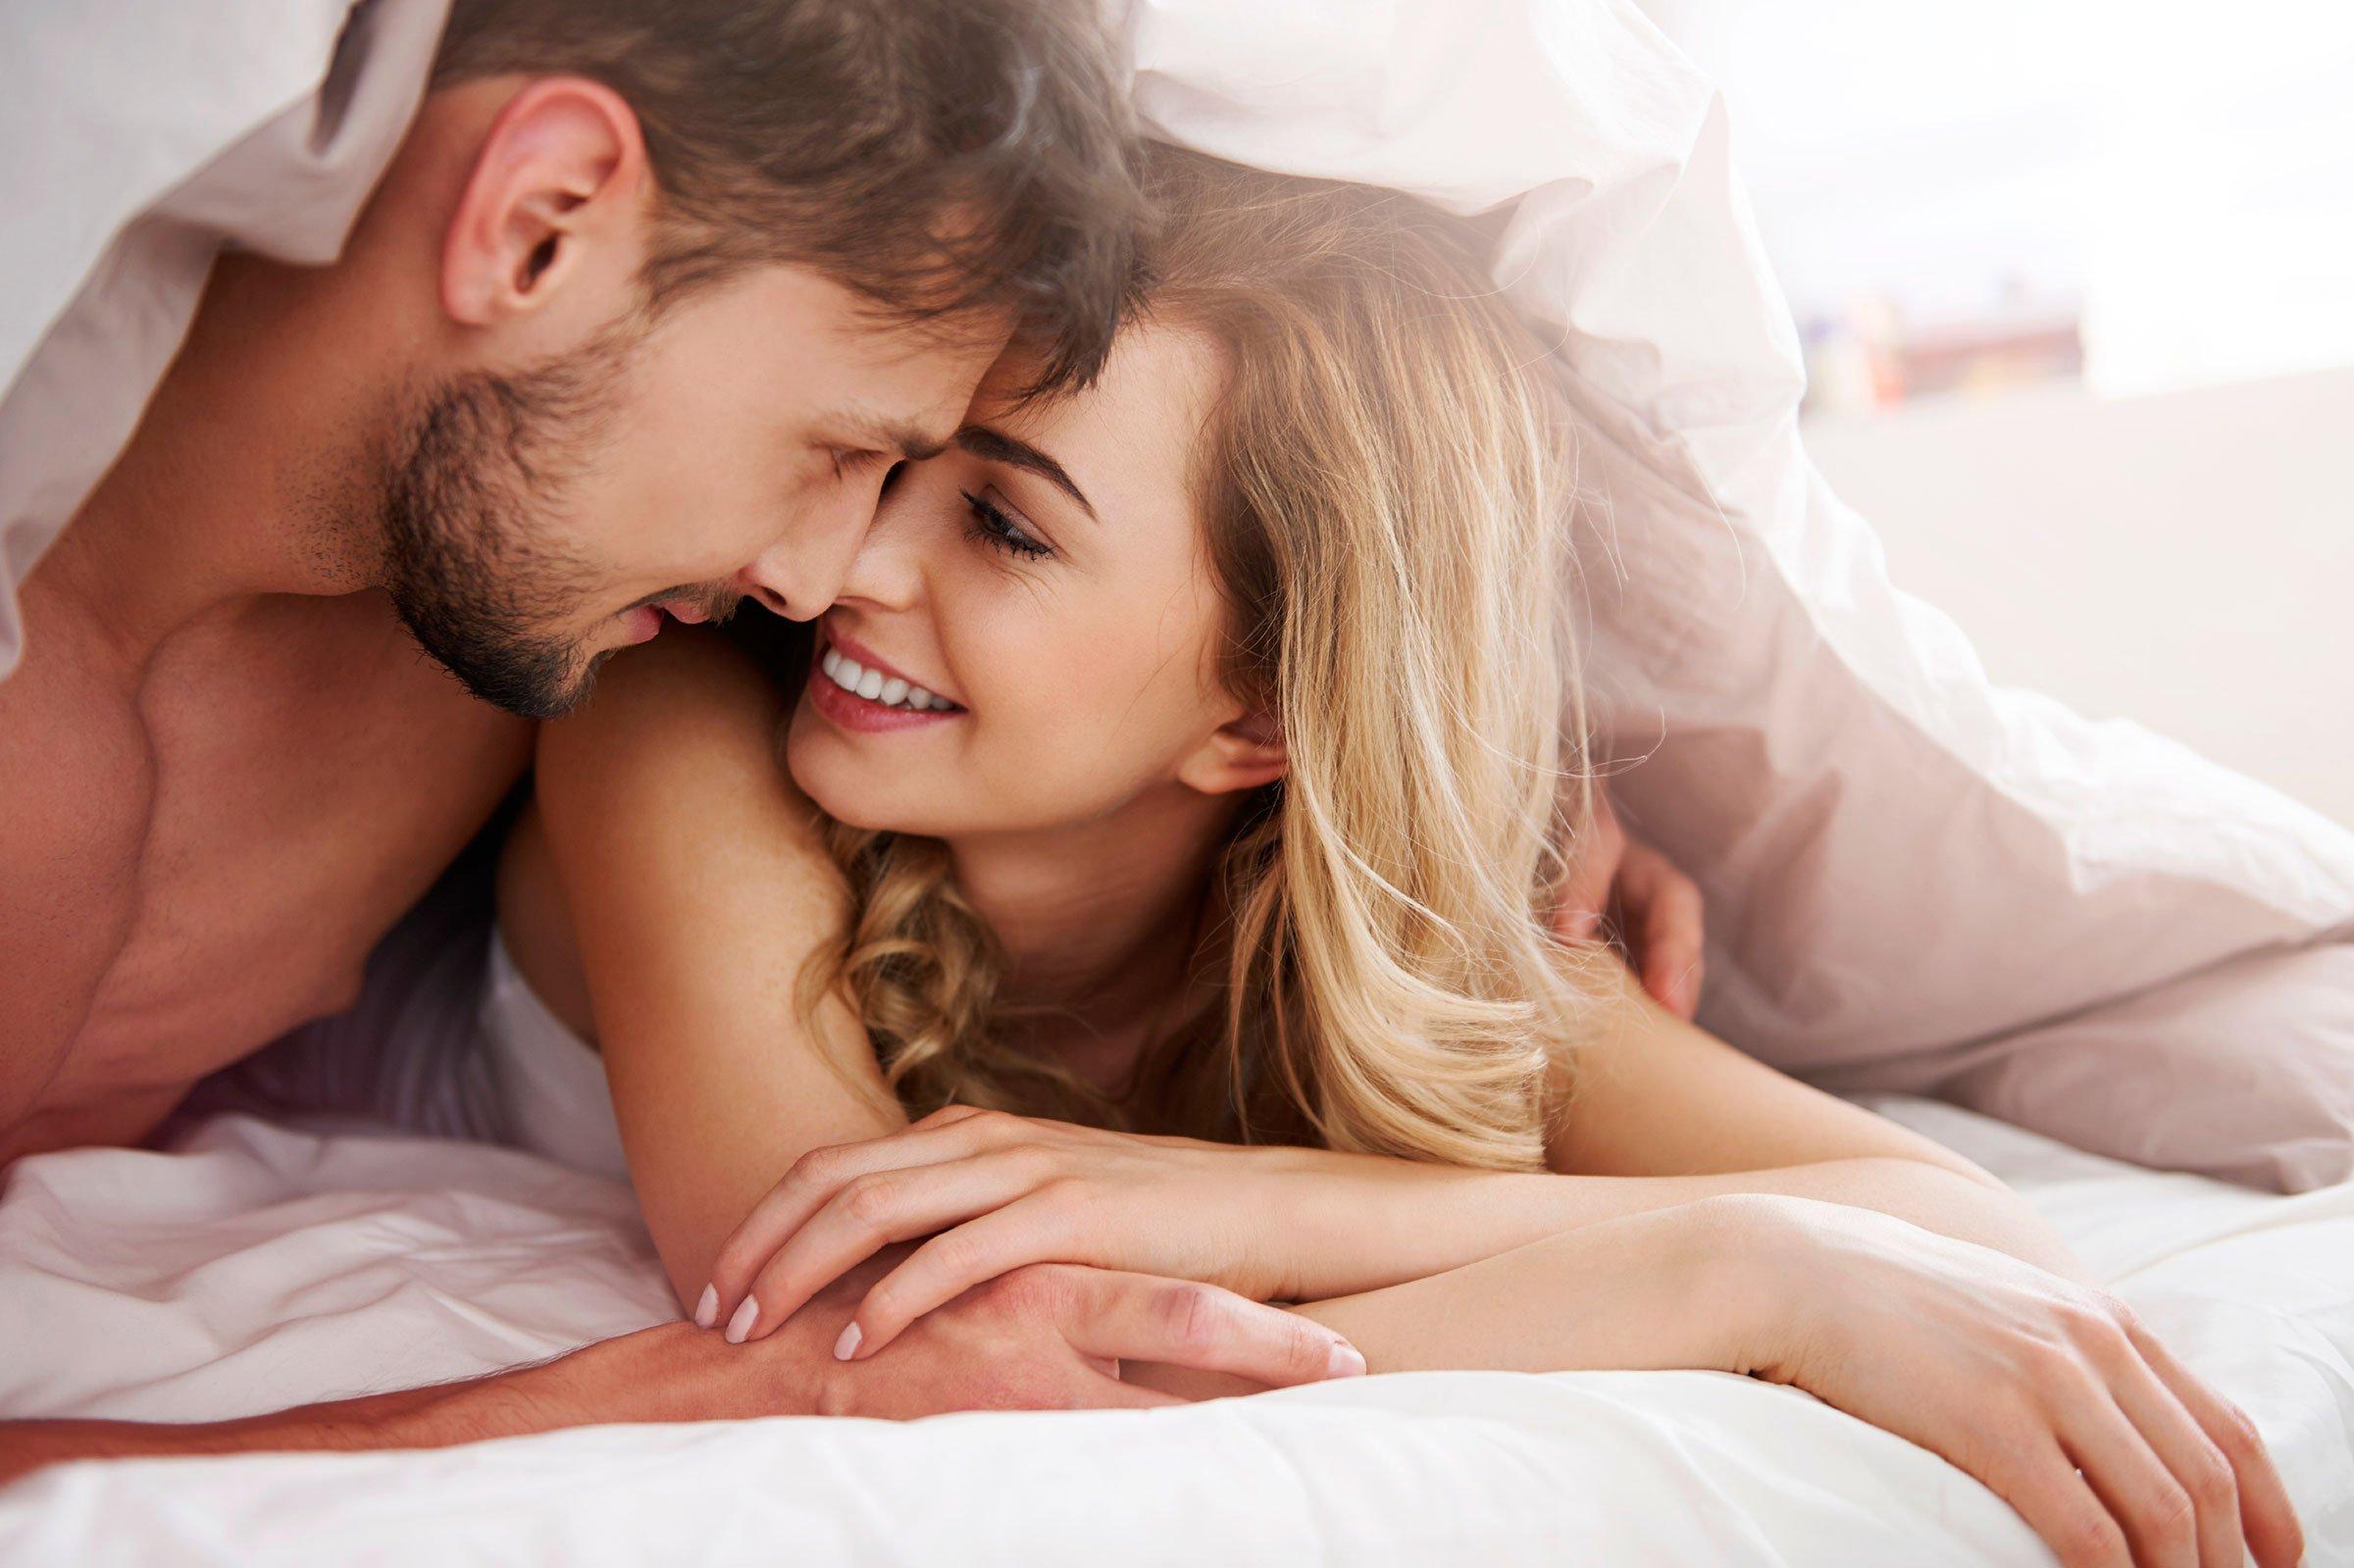 Секс во время сна